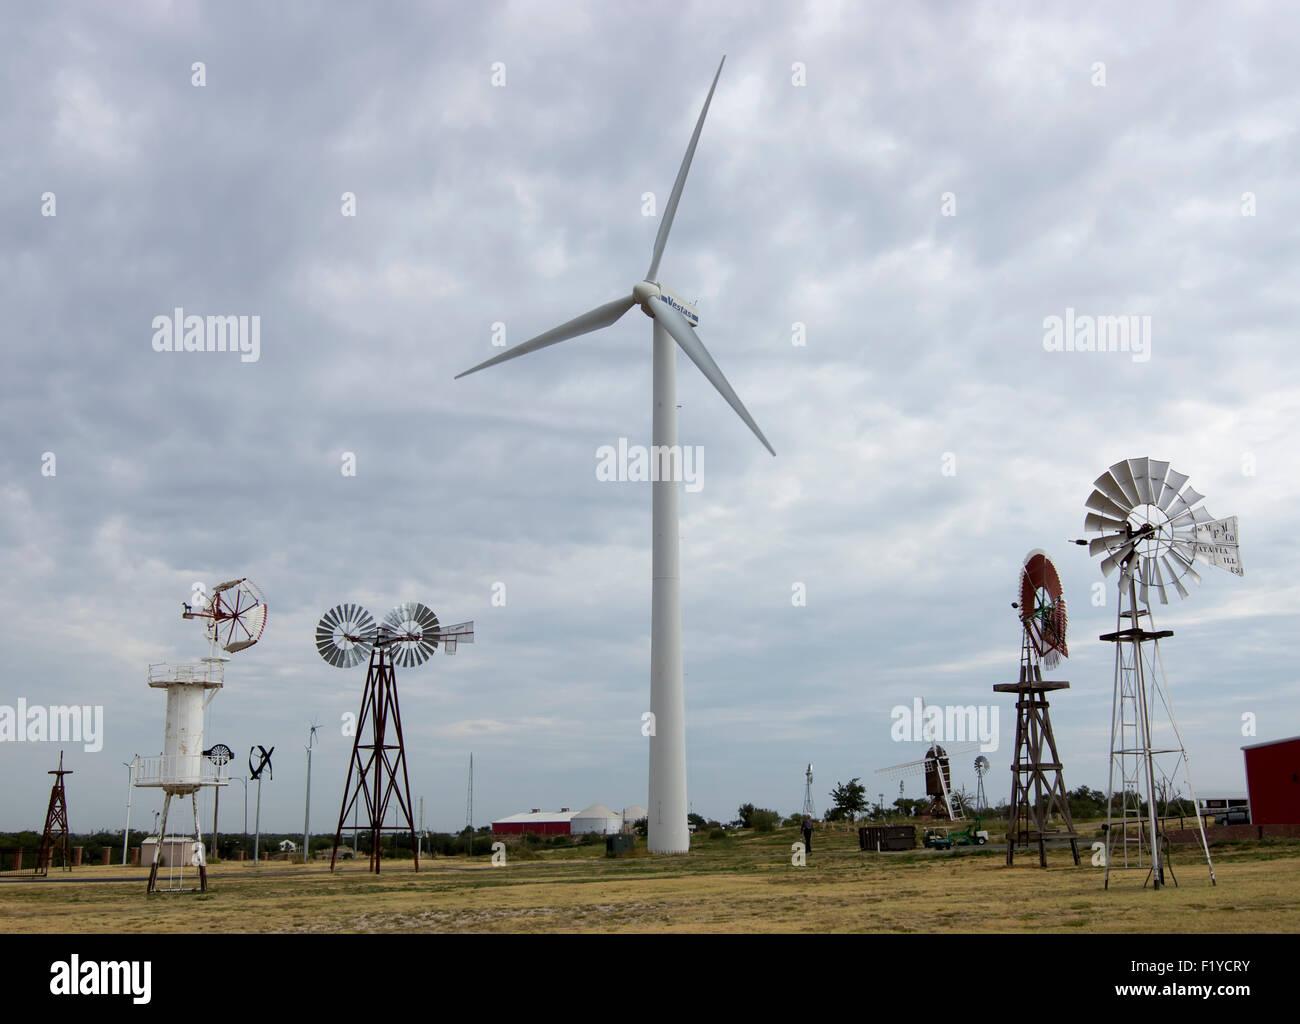 Windmühlen und Windräder auf dem Display an der American Wind Power Center und Museum in Lubbock, Texas. Stockbild